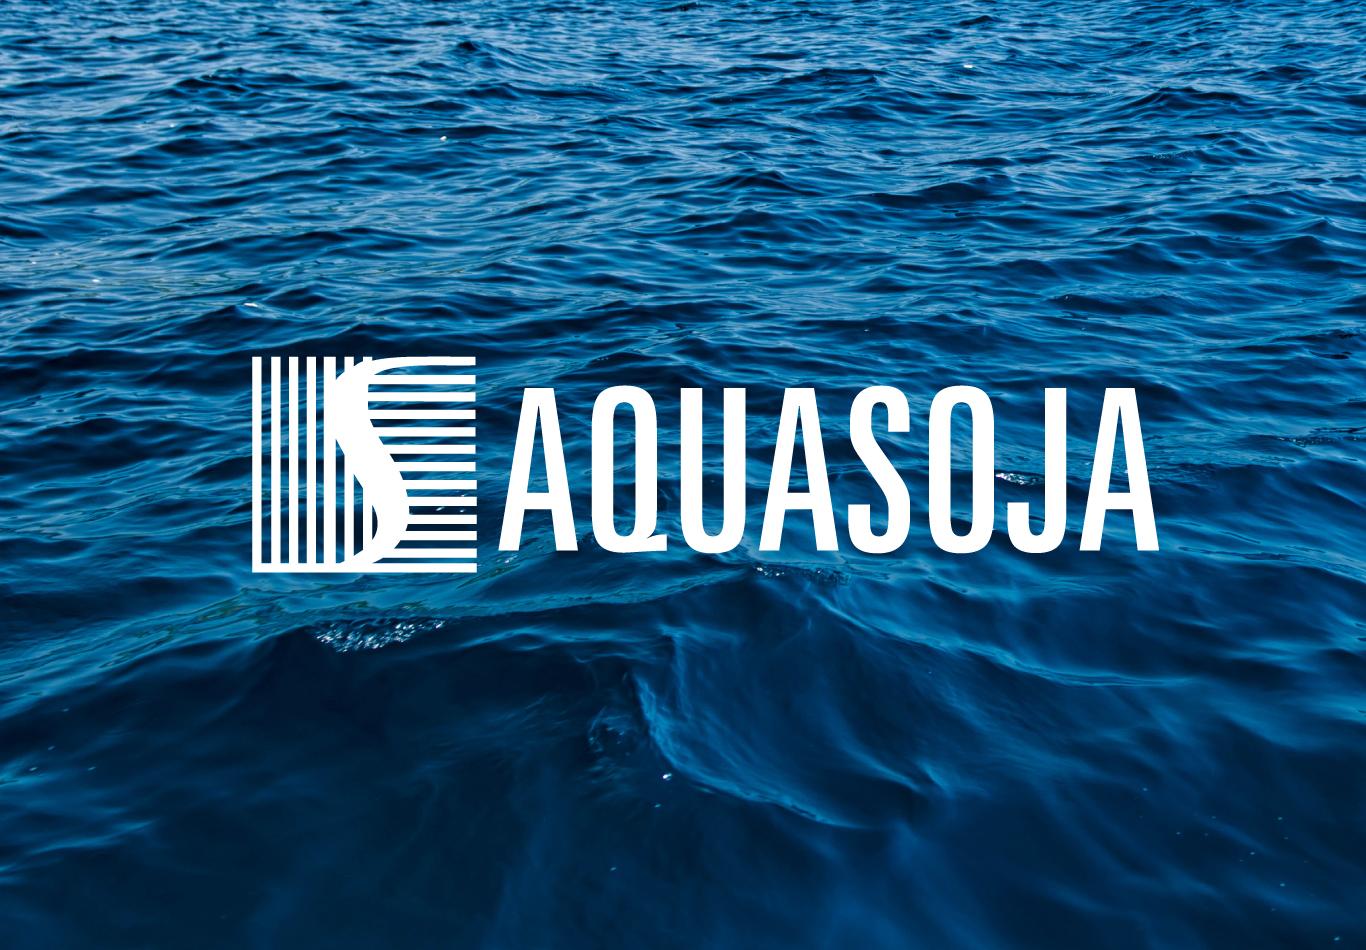 Aquasoja duplica negócios - Diário de Aveiro